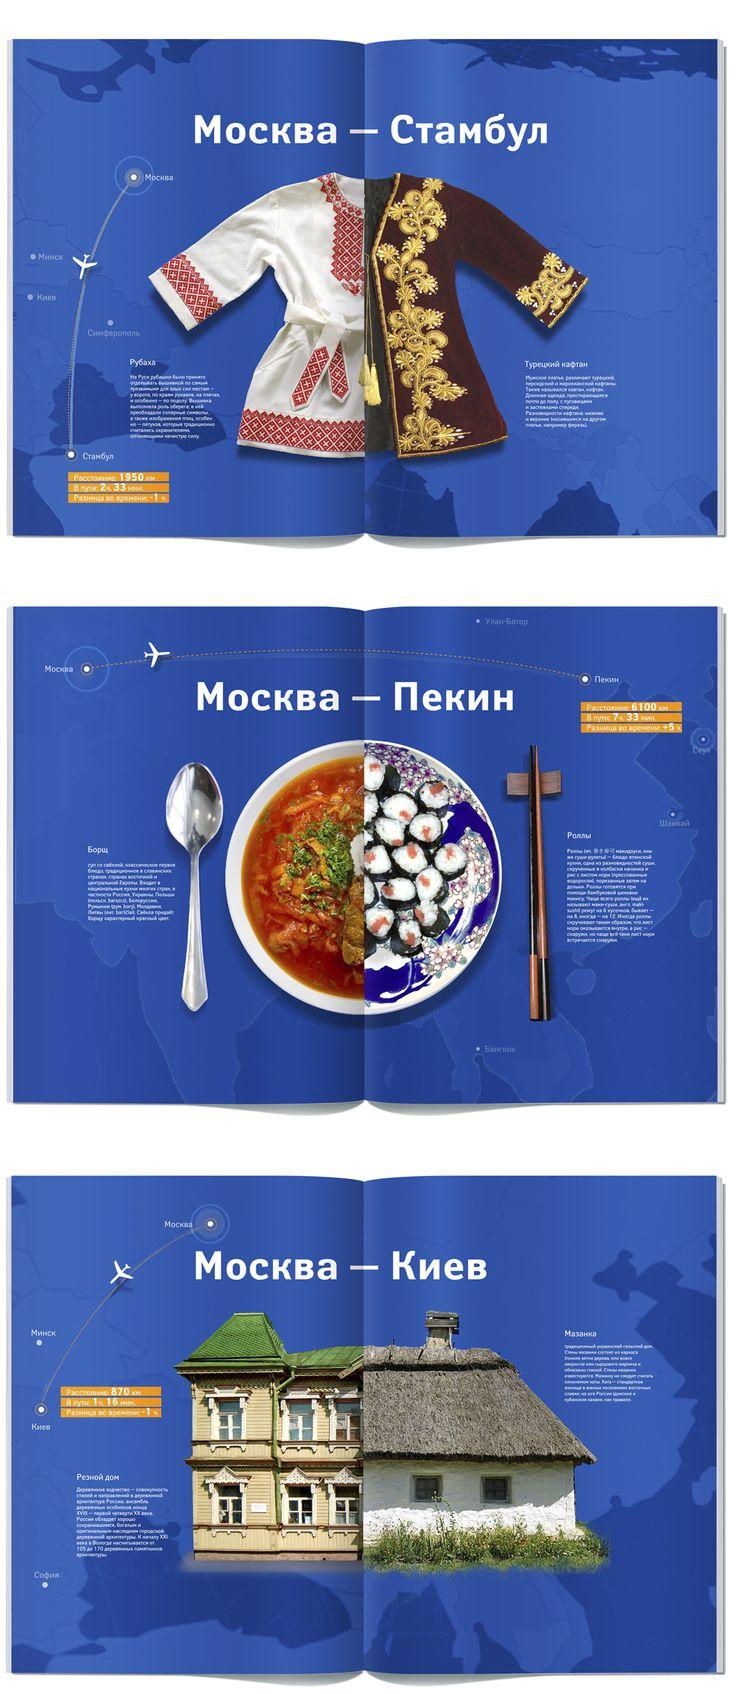 Аэрофлот /Концепция/, Annual report © Илья Калимулин